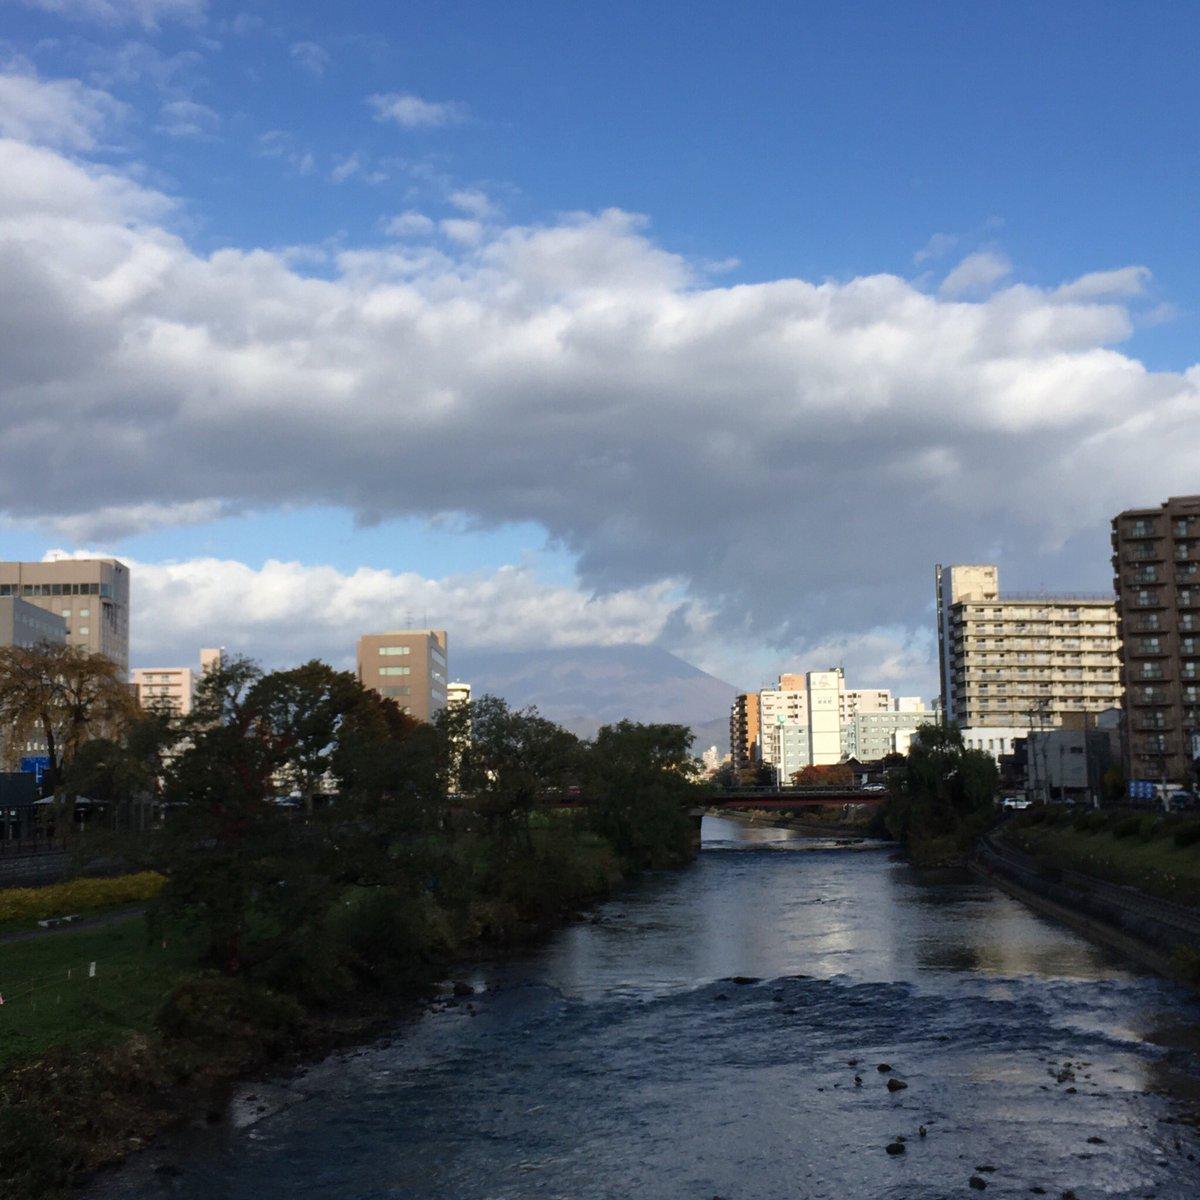 2019/10/30 盛岡市の開運橋から撮影。みなさま、安全第一でお過ごしください。 #岩手 #盛岡 #北上川 #岩手山 #岩手においでよ